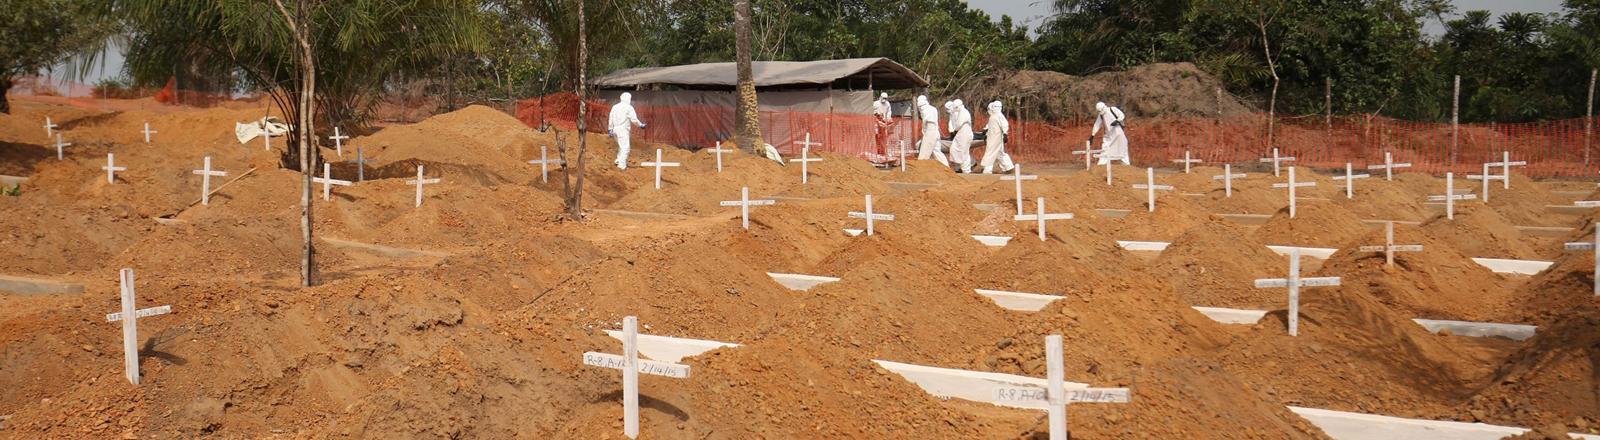 Friedhof von Ebola-Toten